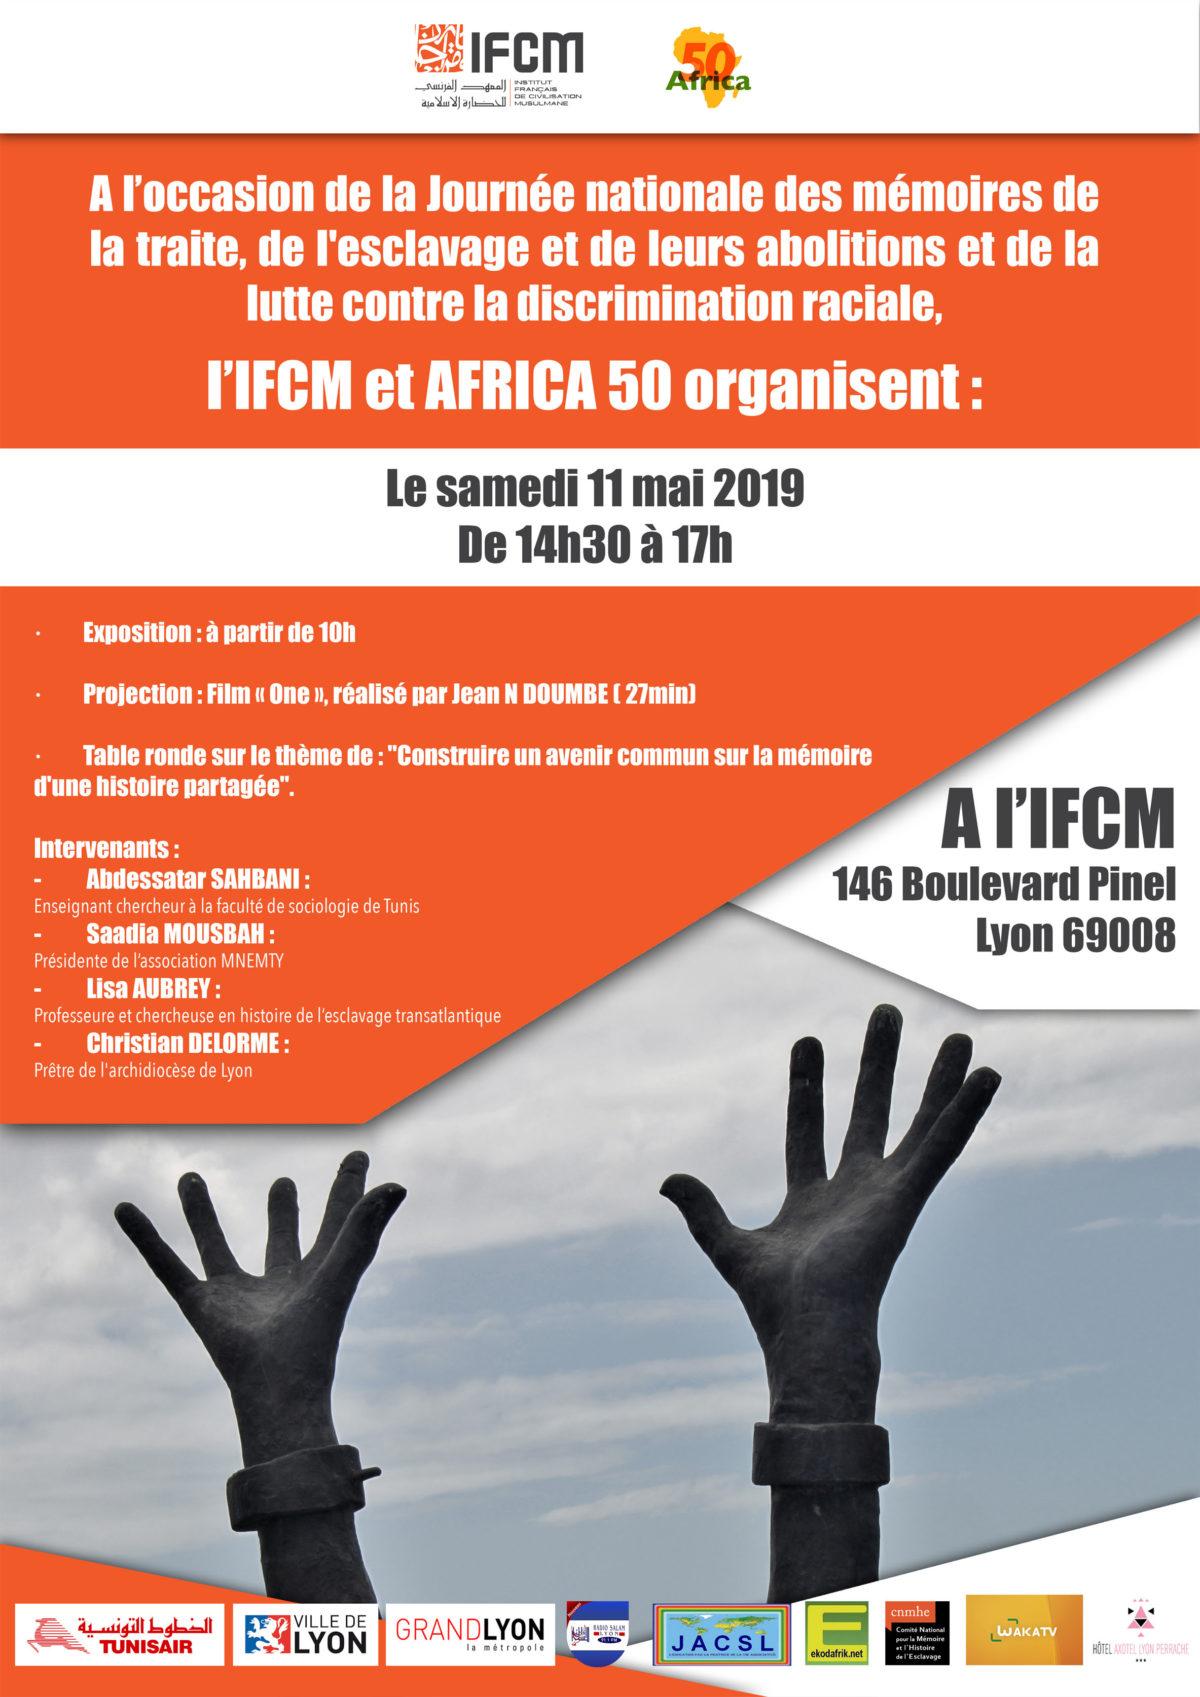 Annulée: Journée nationale des mémoires de la traite, de l'esclavage et de leurs abolitions et de la lutte contre la discrimination raciale